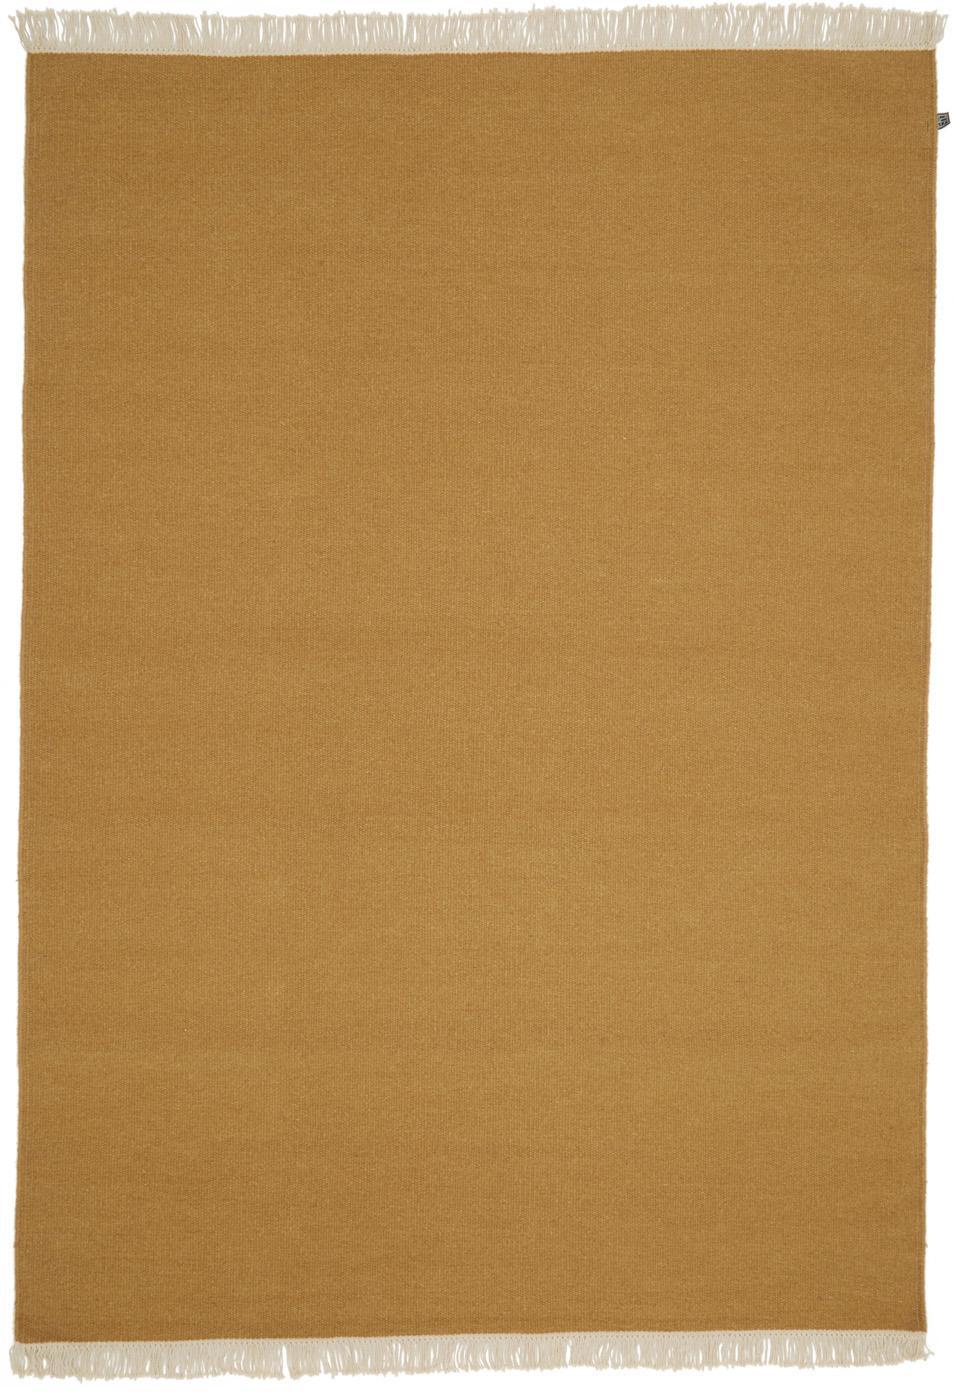 Tappeto in lana tessuto a mano con frange Rainbo, Giallo ocra, Larg. 140 x Lung. 200 cm (taglia S)